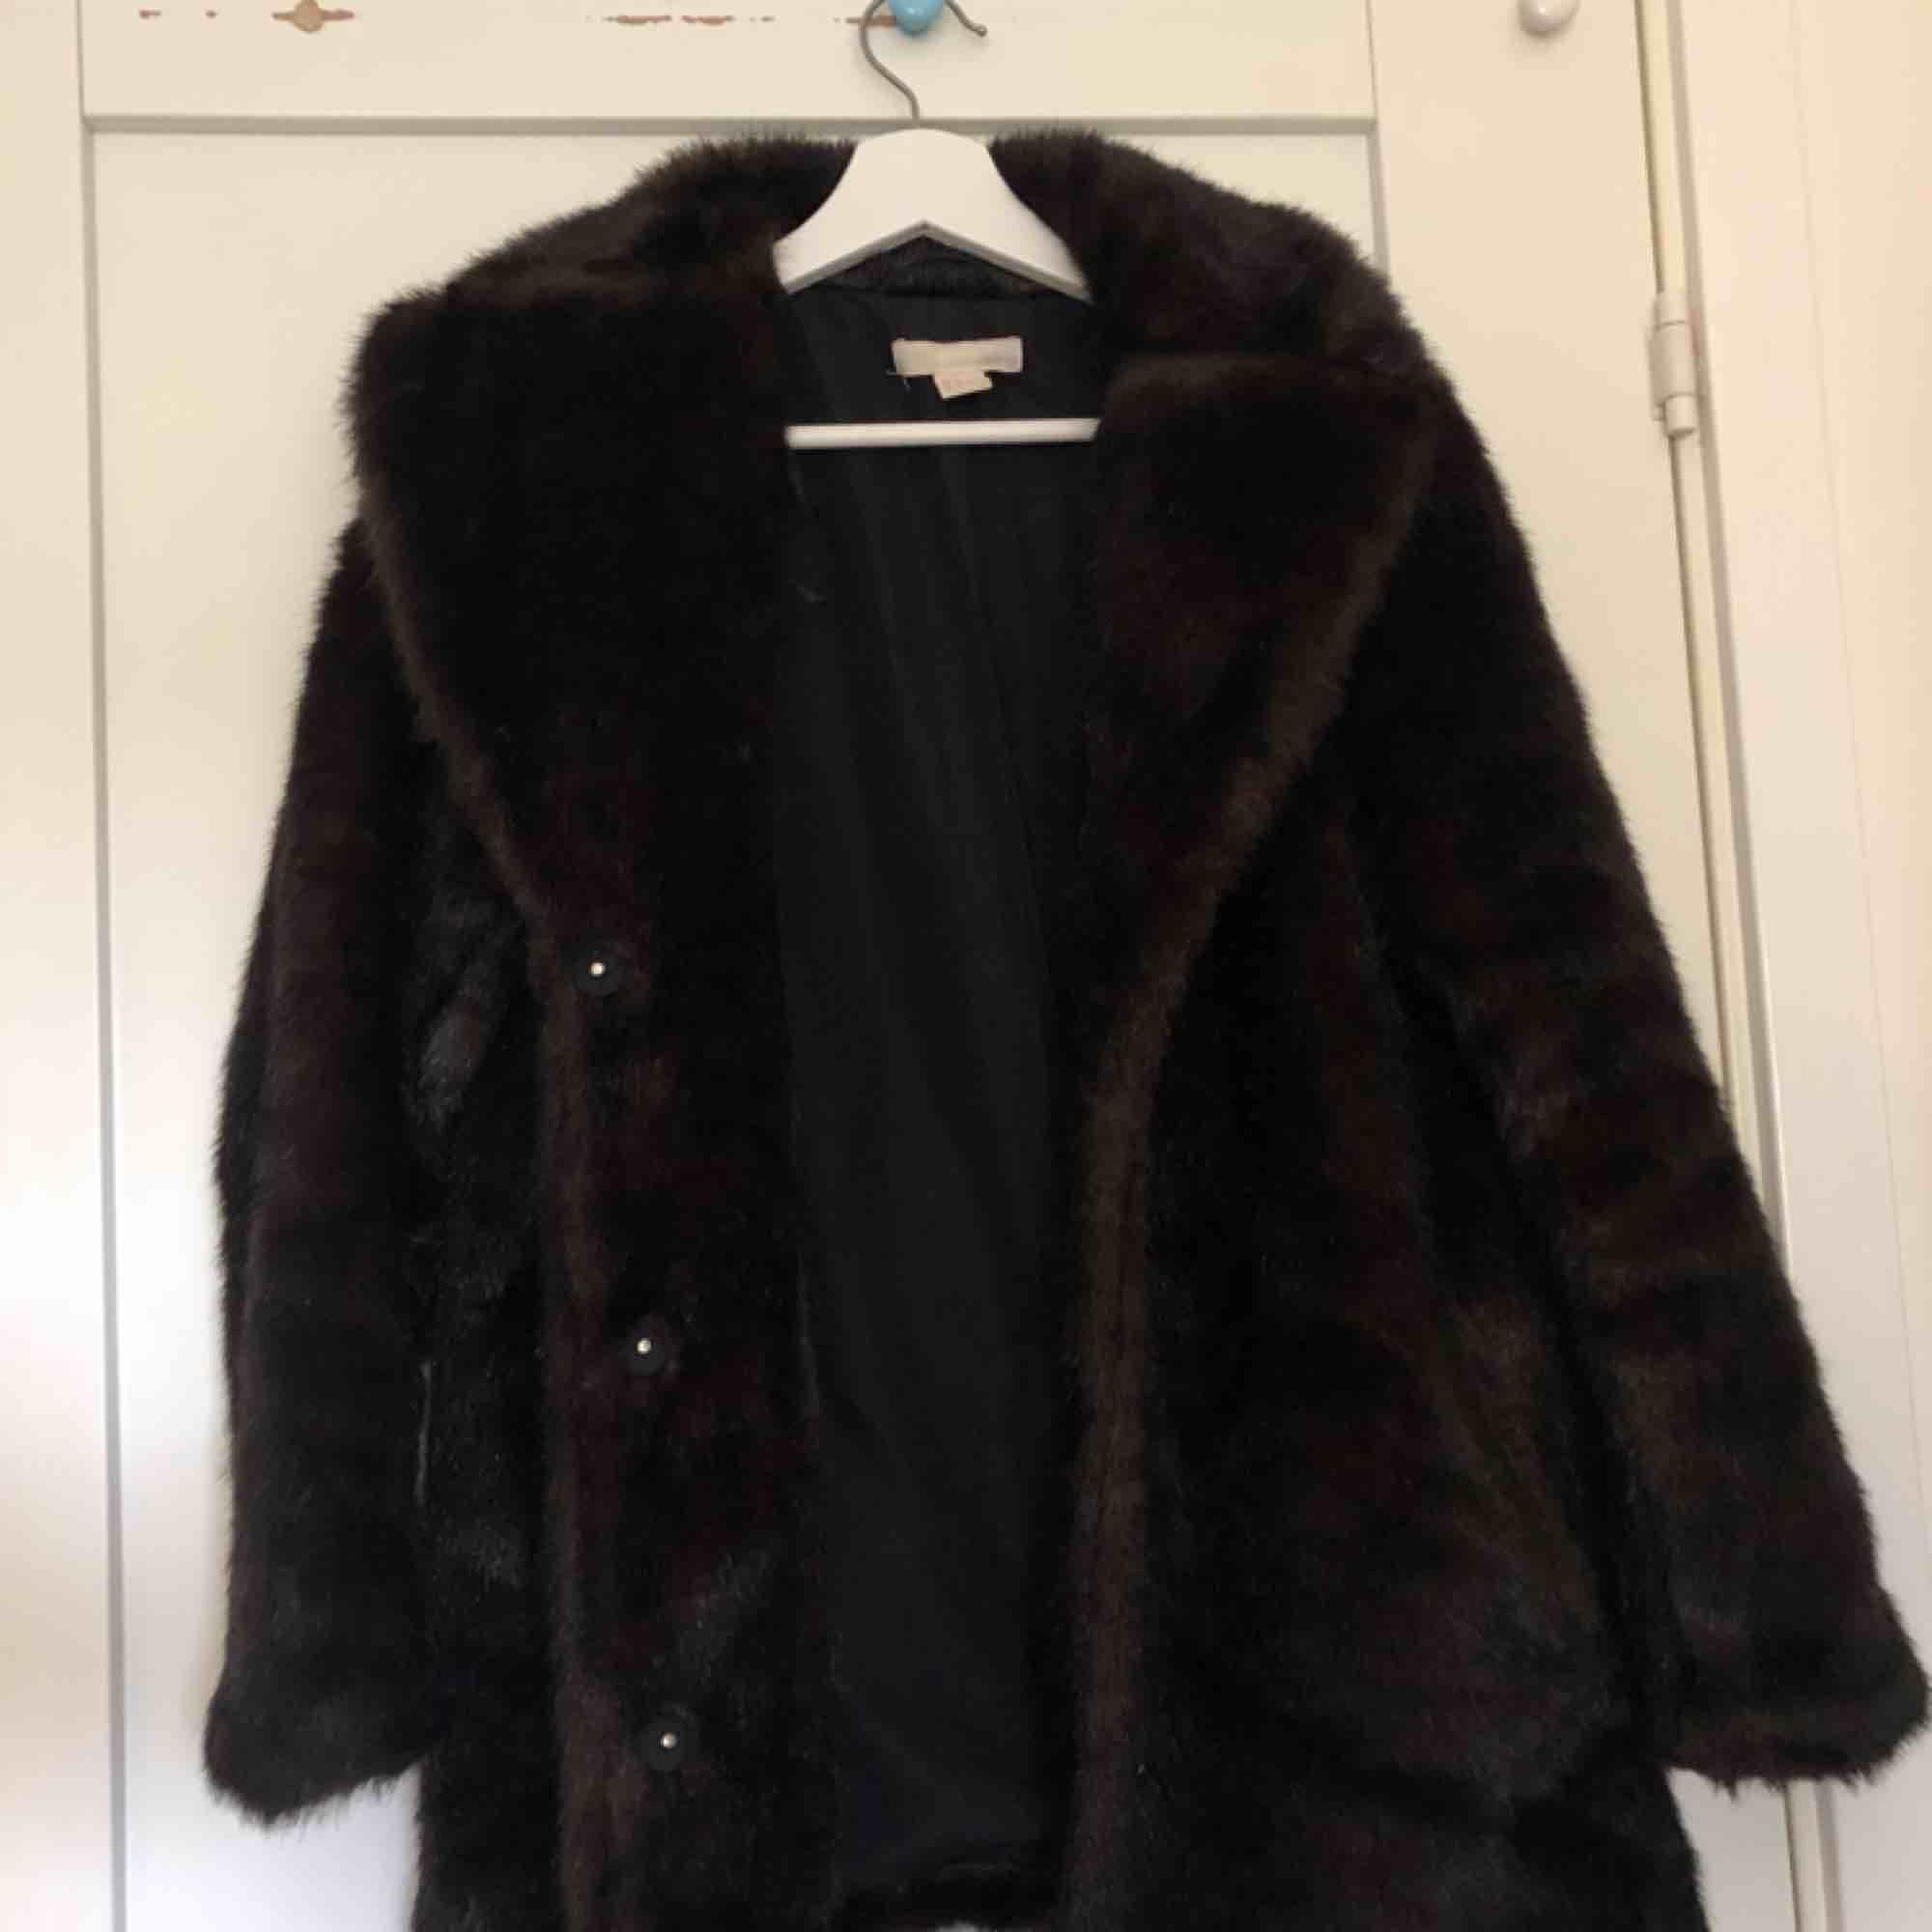 att köpa attraktivt pris ny stil En supersnygg kappa/jacka i mörkbrun - H&M Jackor - Second Hand